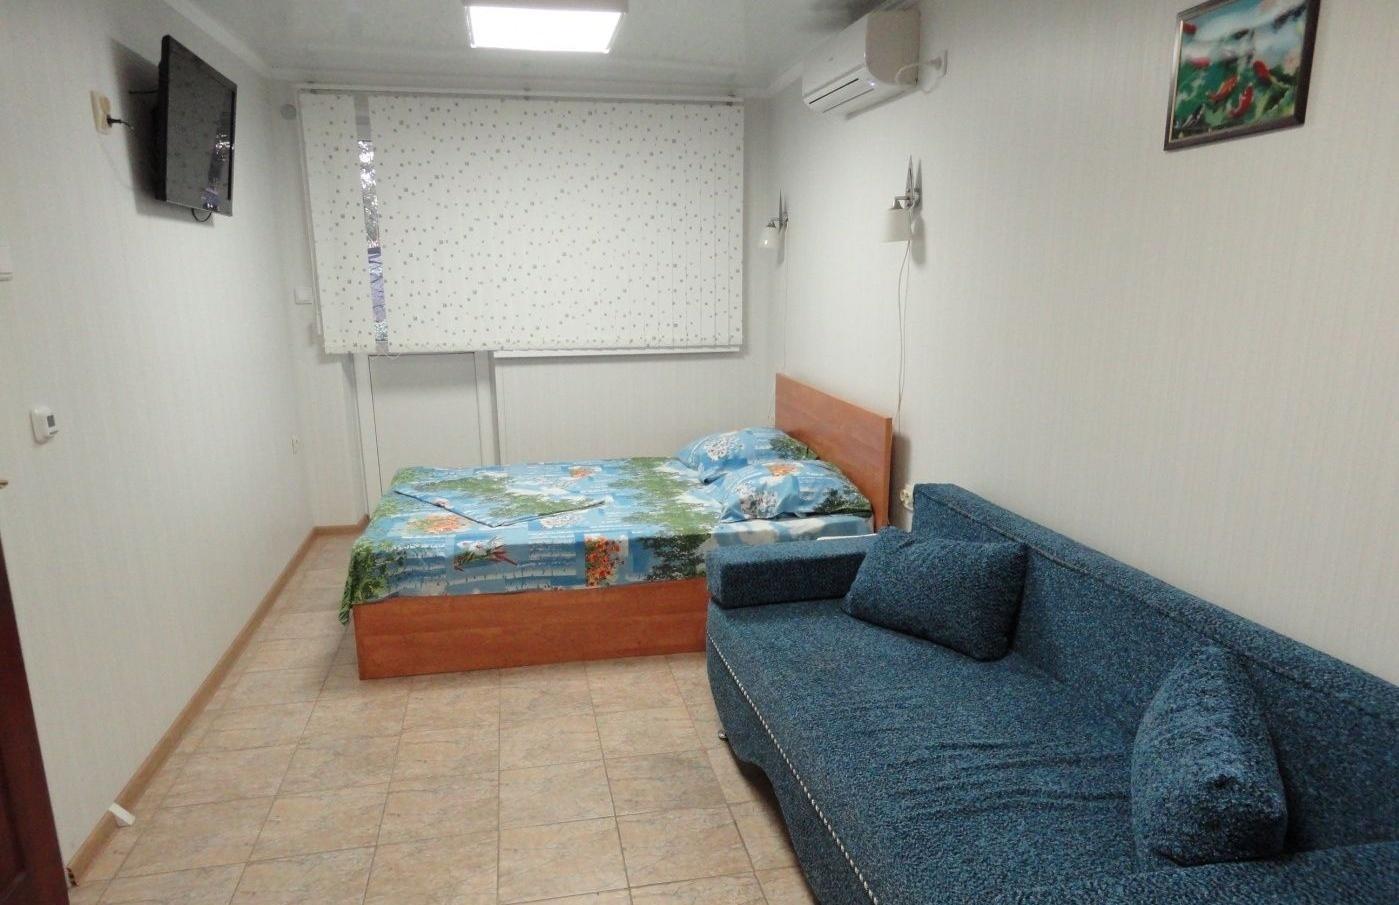 База отдыха «Юный каспиец» Астраханская область 2-местный номер на первом этаже корпуса «Юнга», фото 1